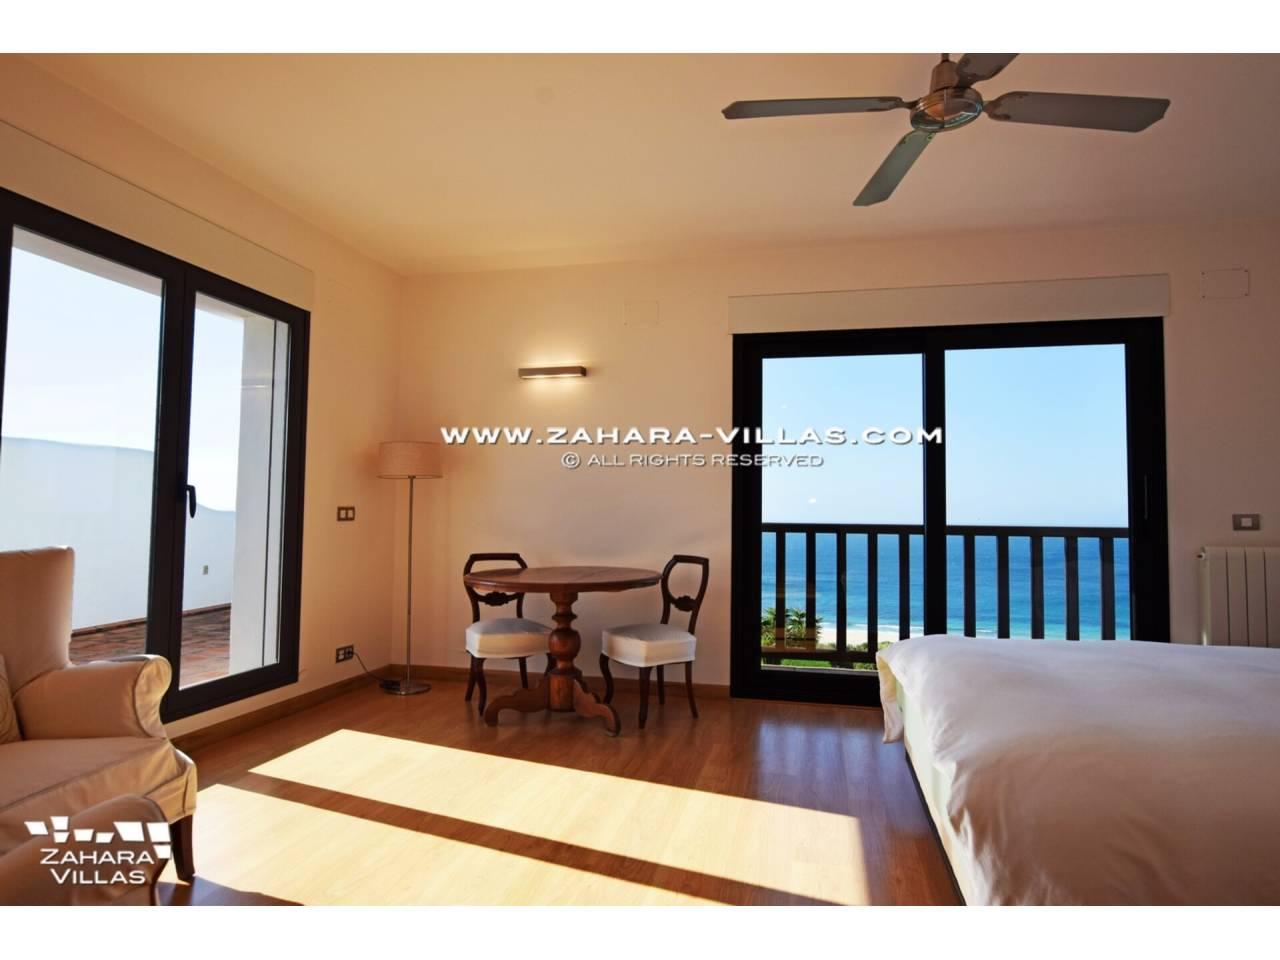 Imagen 41 de Maravilloso Chalet en venta en la zona del Faro Camarinal con vistas panorámicas a la Playa de los Alemanes